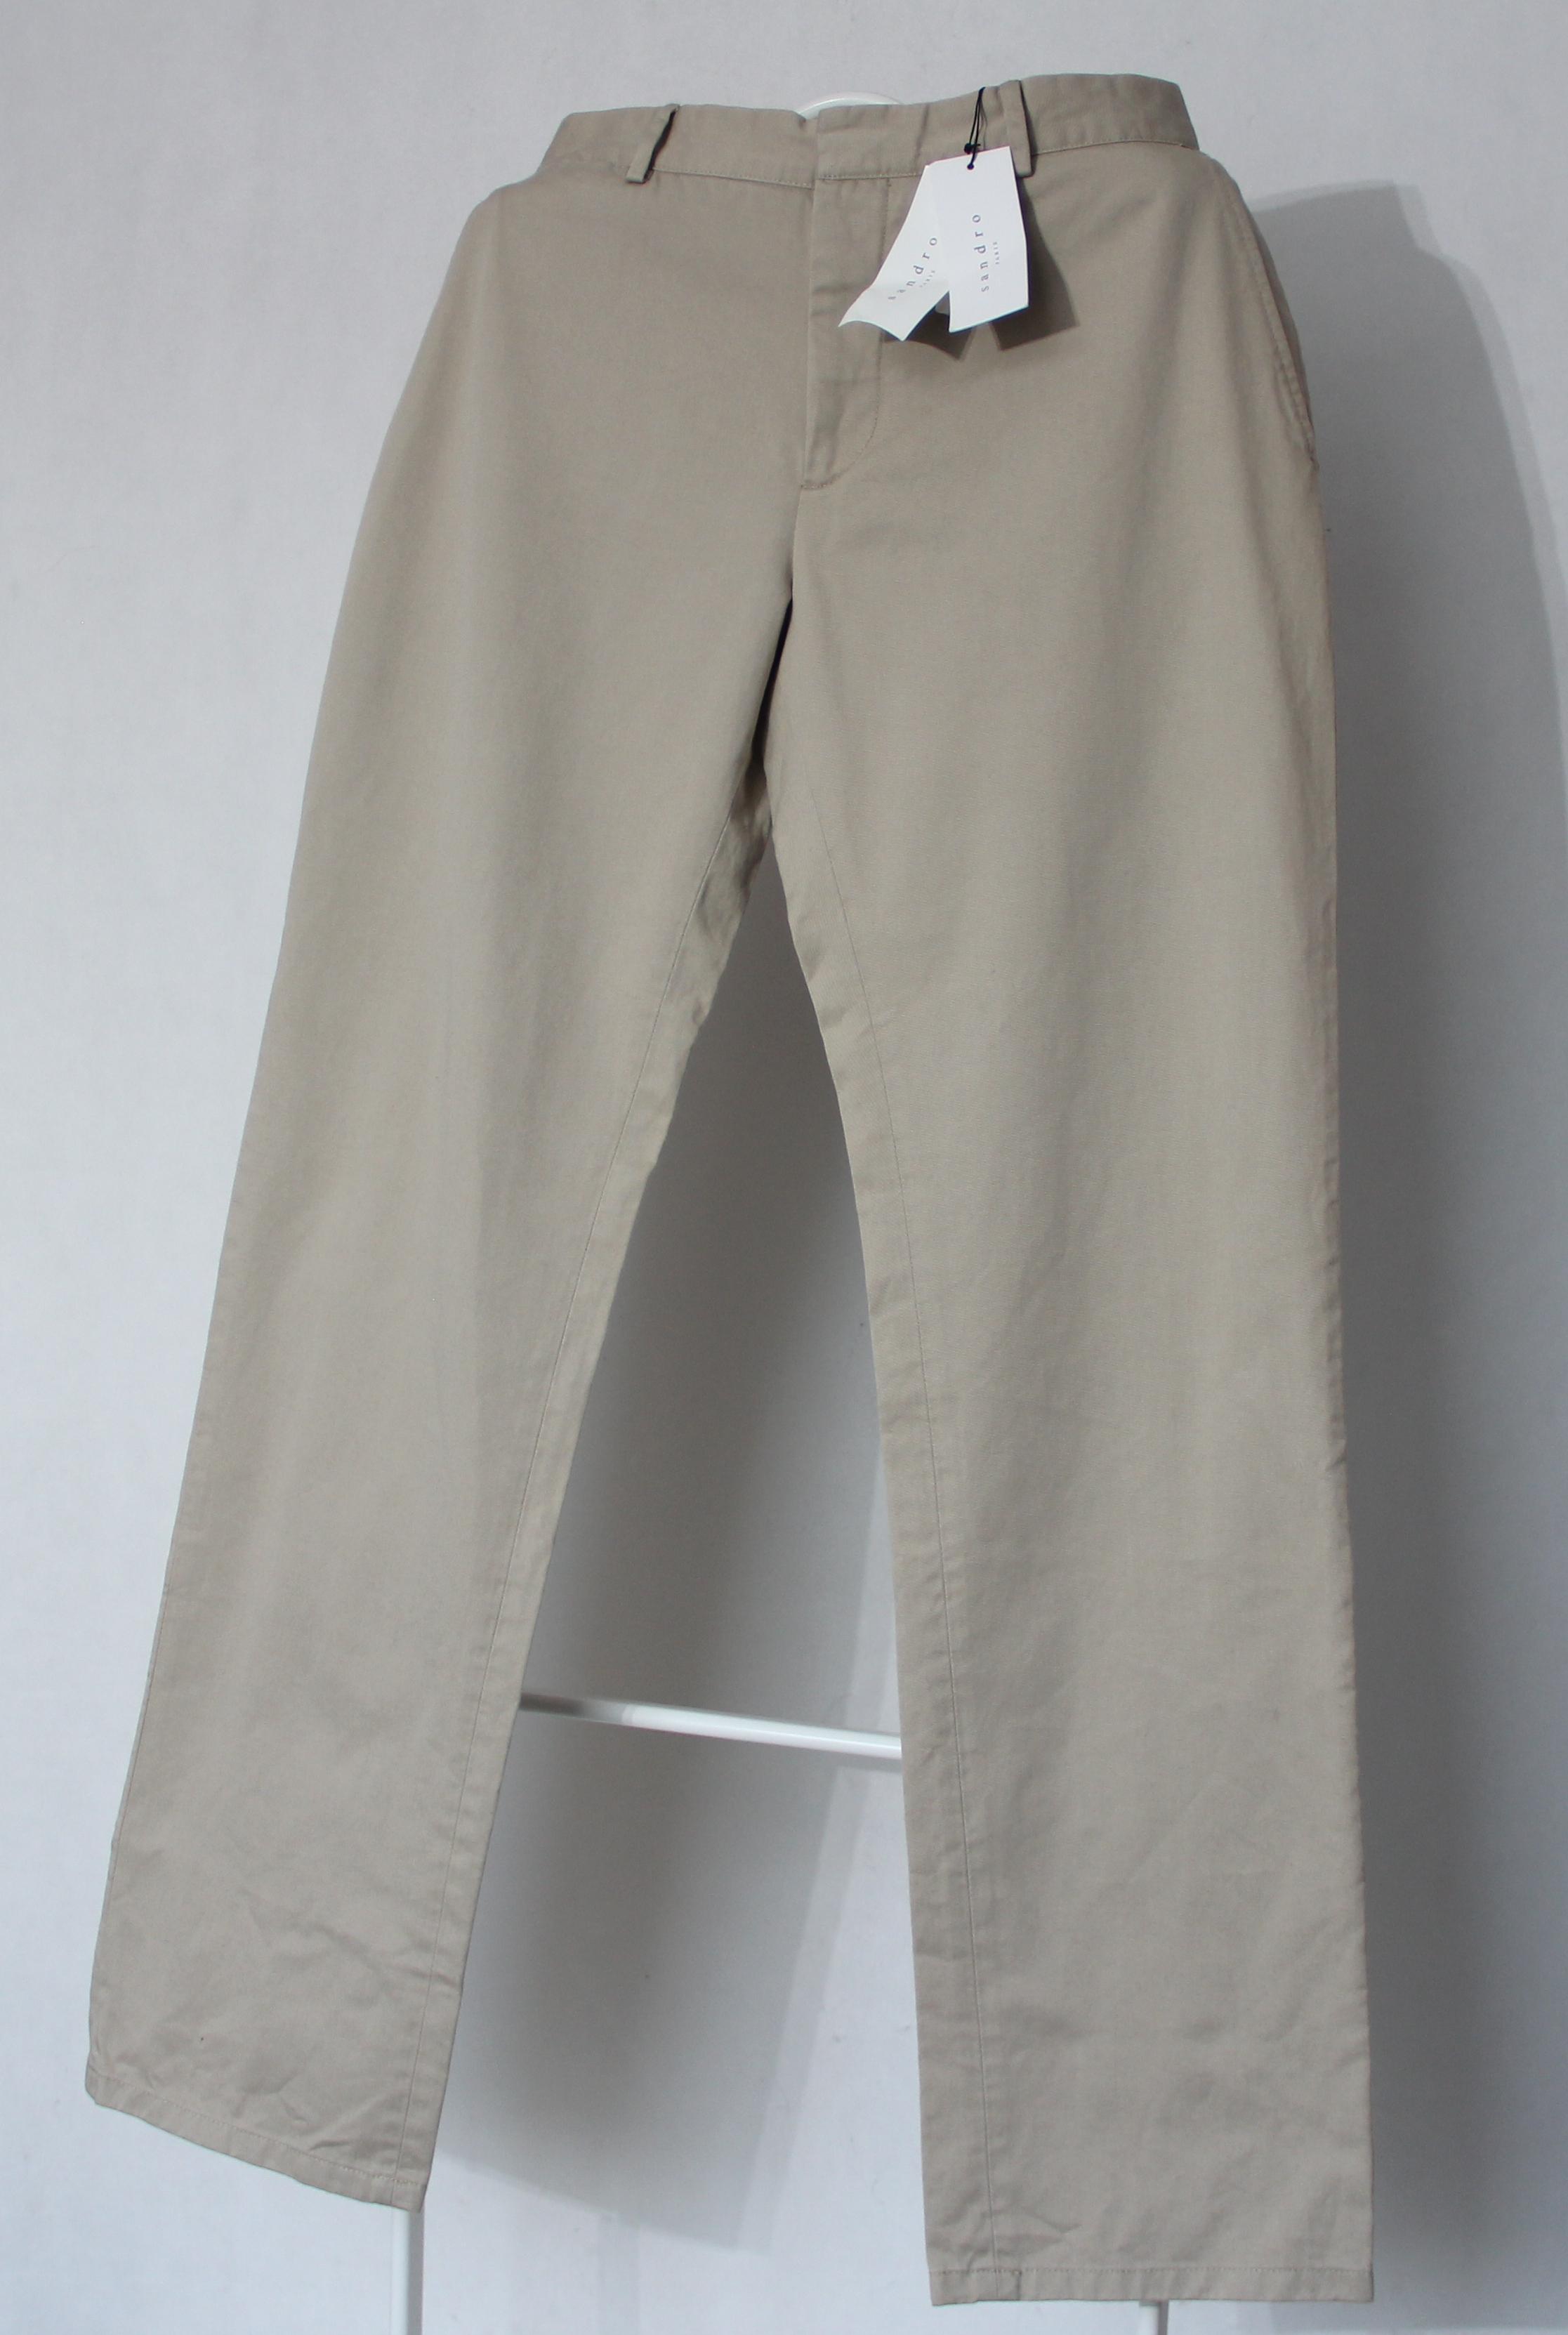 économiser jusqu'à 80% beauté caractéristiques exceptionnelles Men's Sandro Paris Biege Chino Pants Sz 42 New with tags